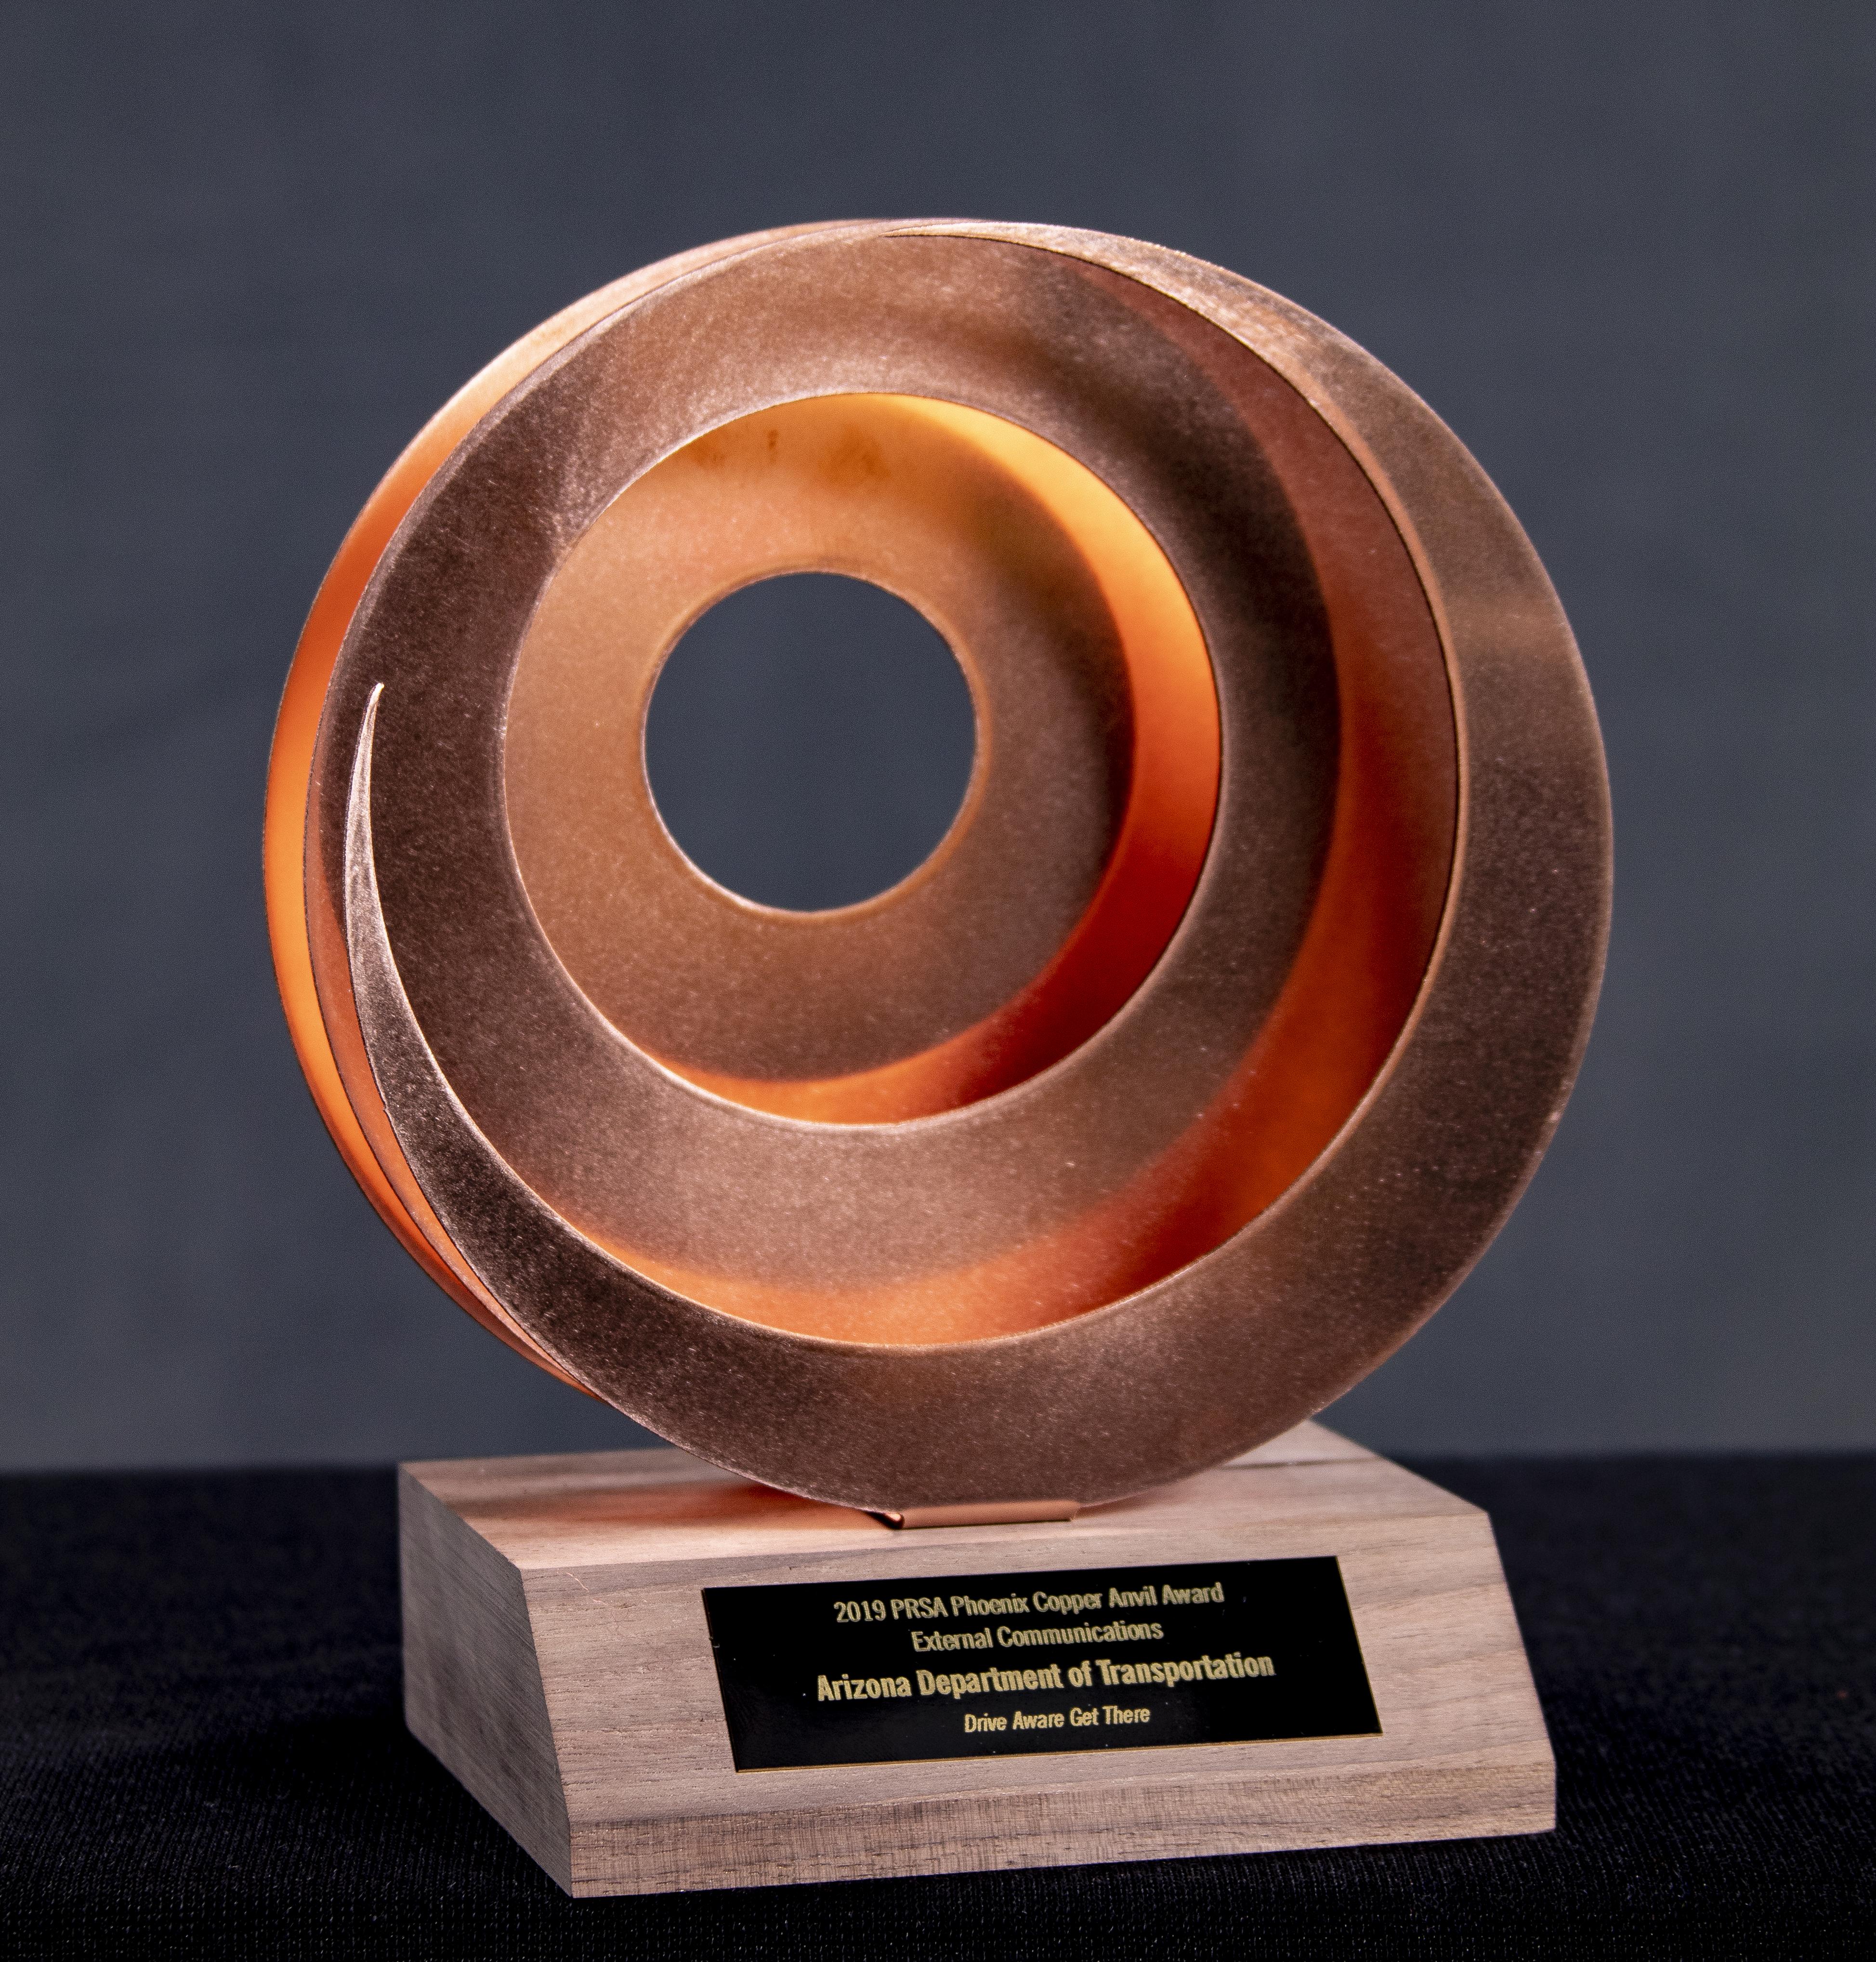 Copper anvil award 2019